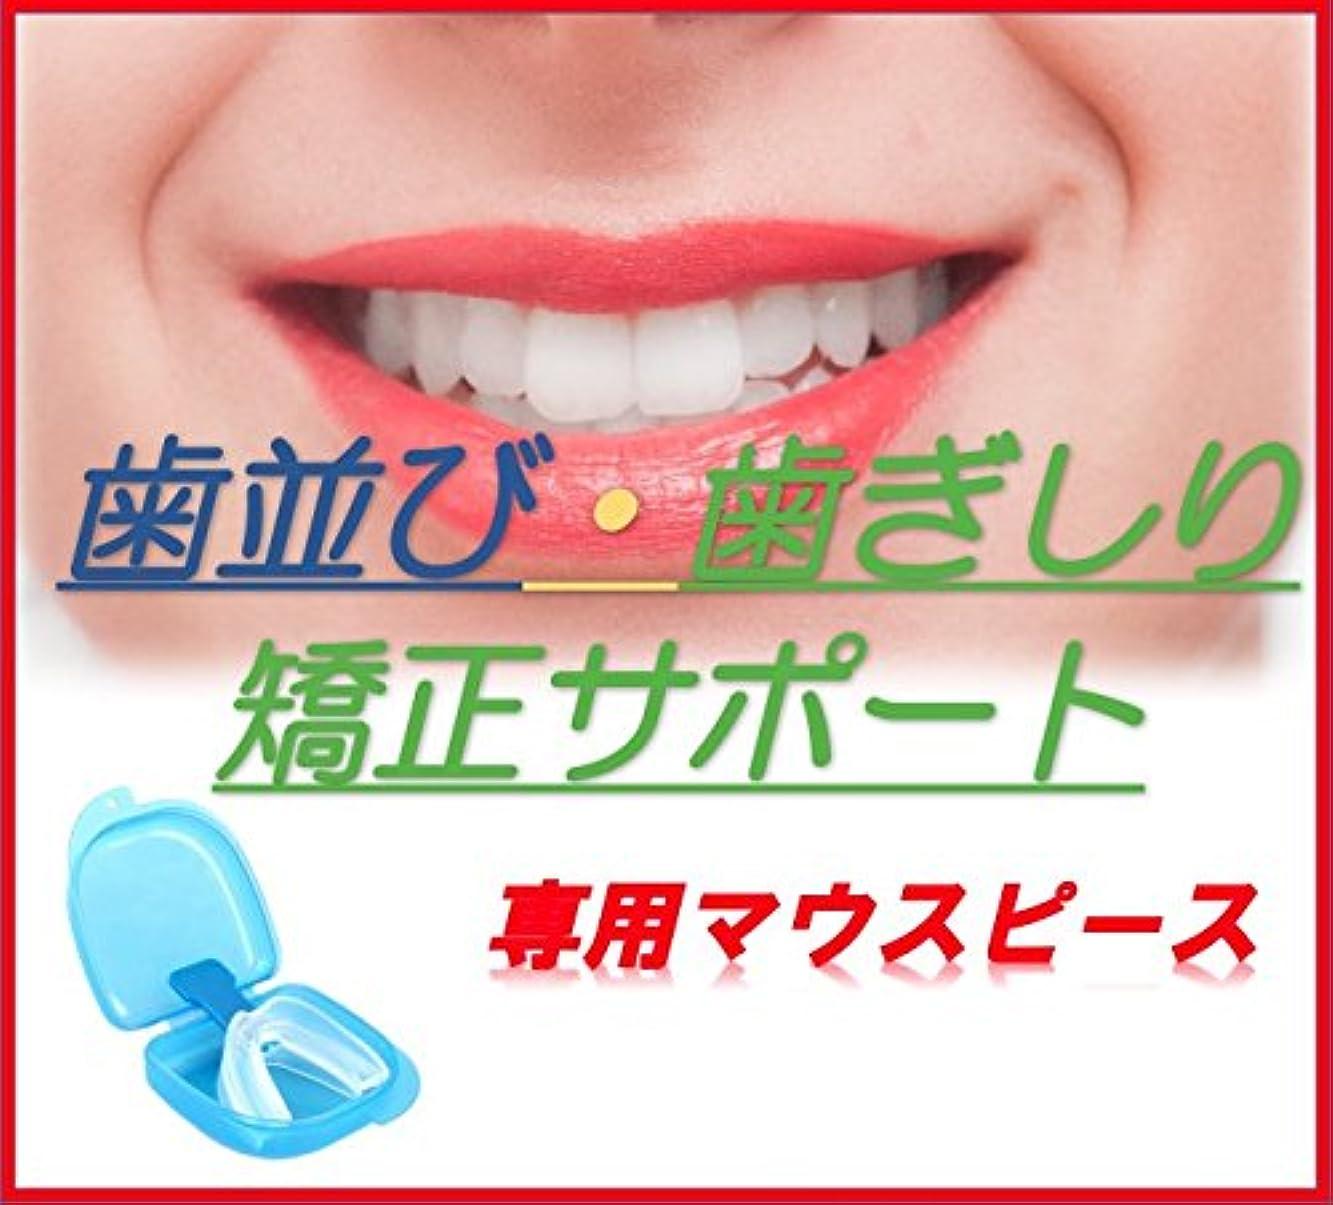 調整猛烈なスリーブ[NET-O] 歯並び 歯ぎしり 矯正 サポート 専用マウスピース お得用セットあり (3set)